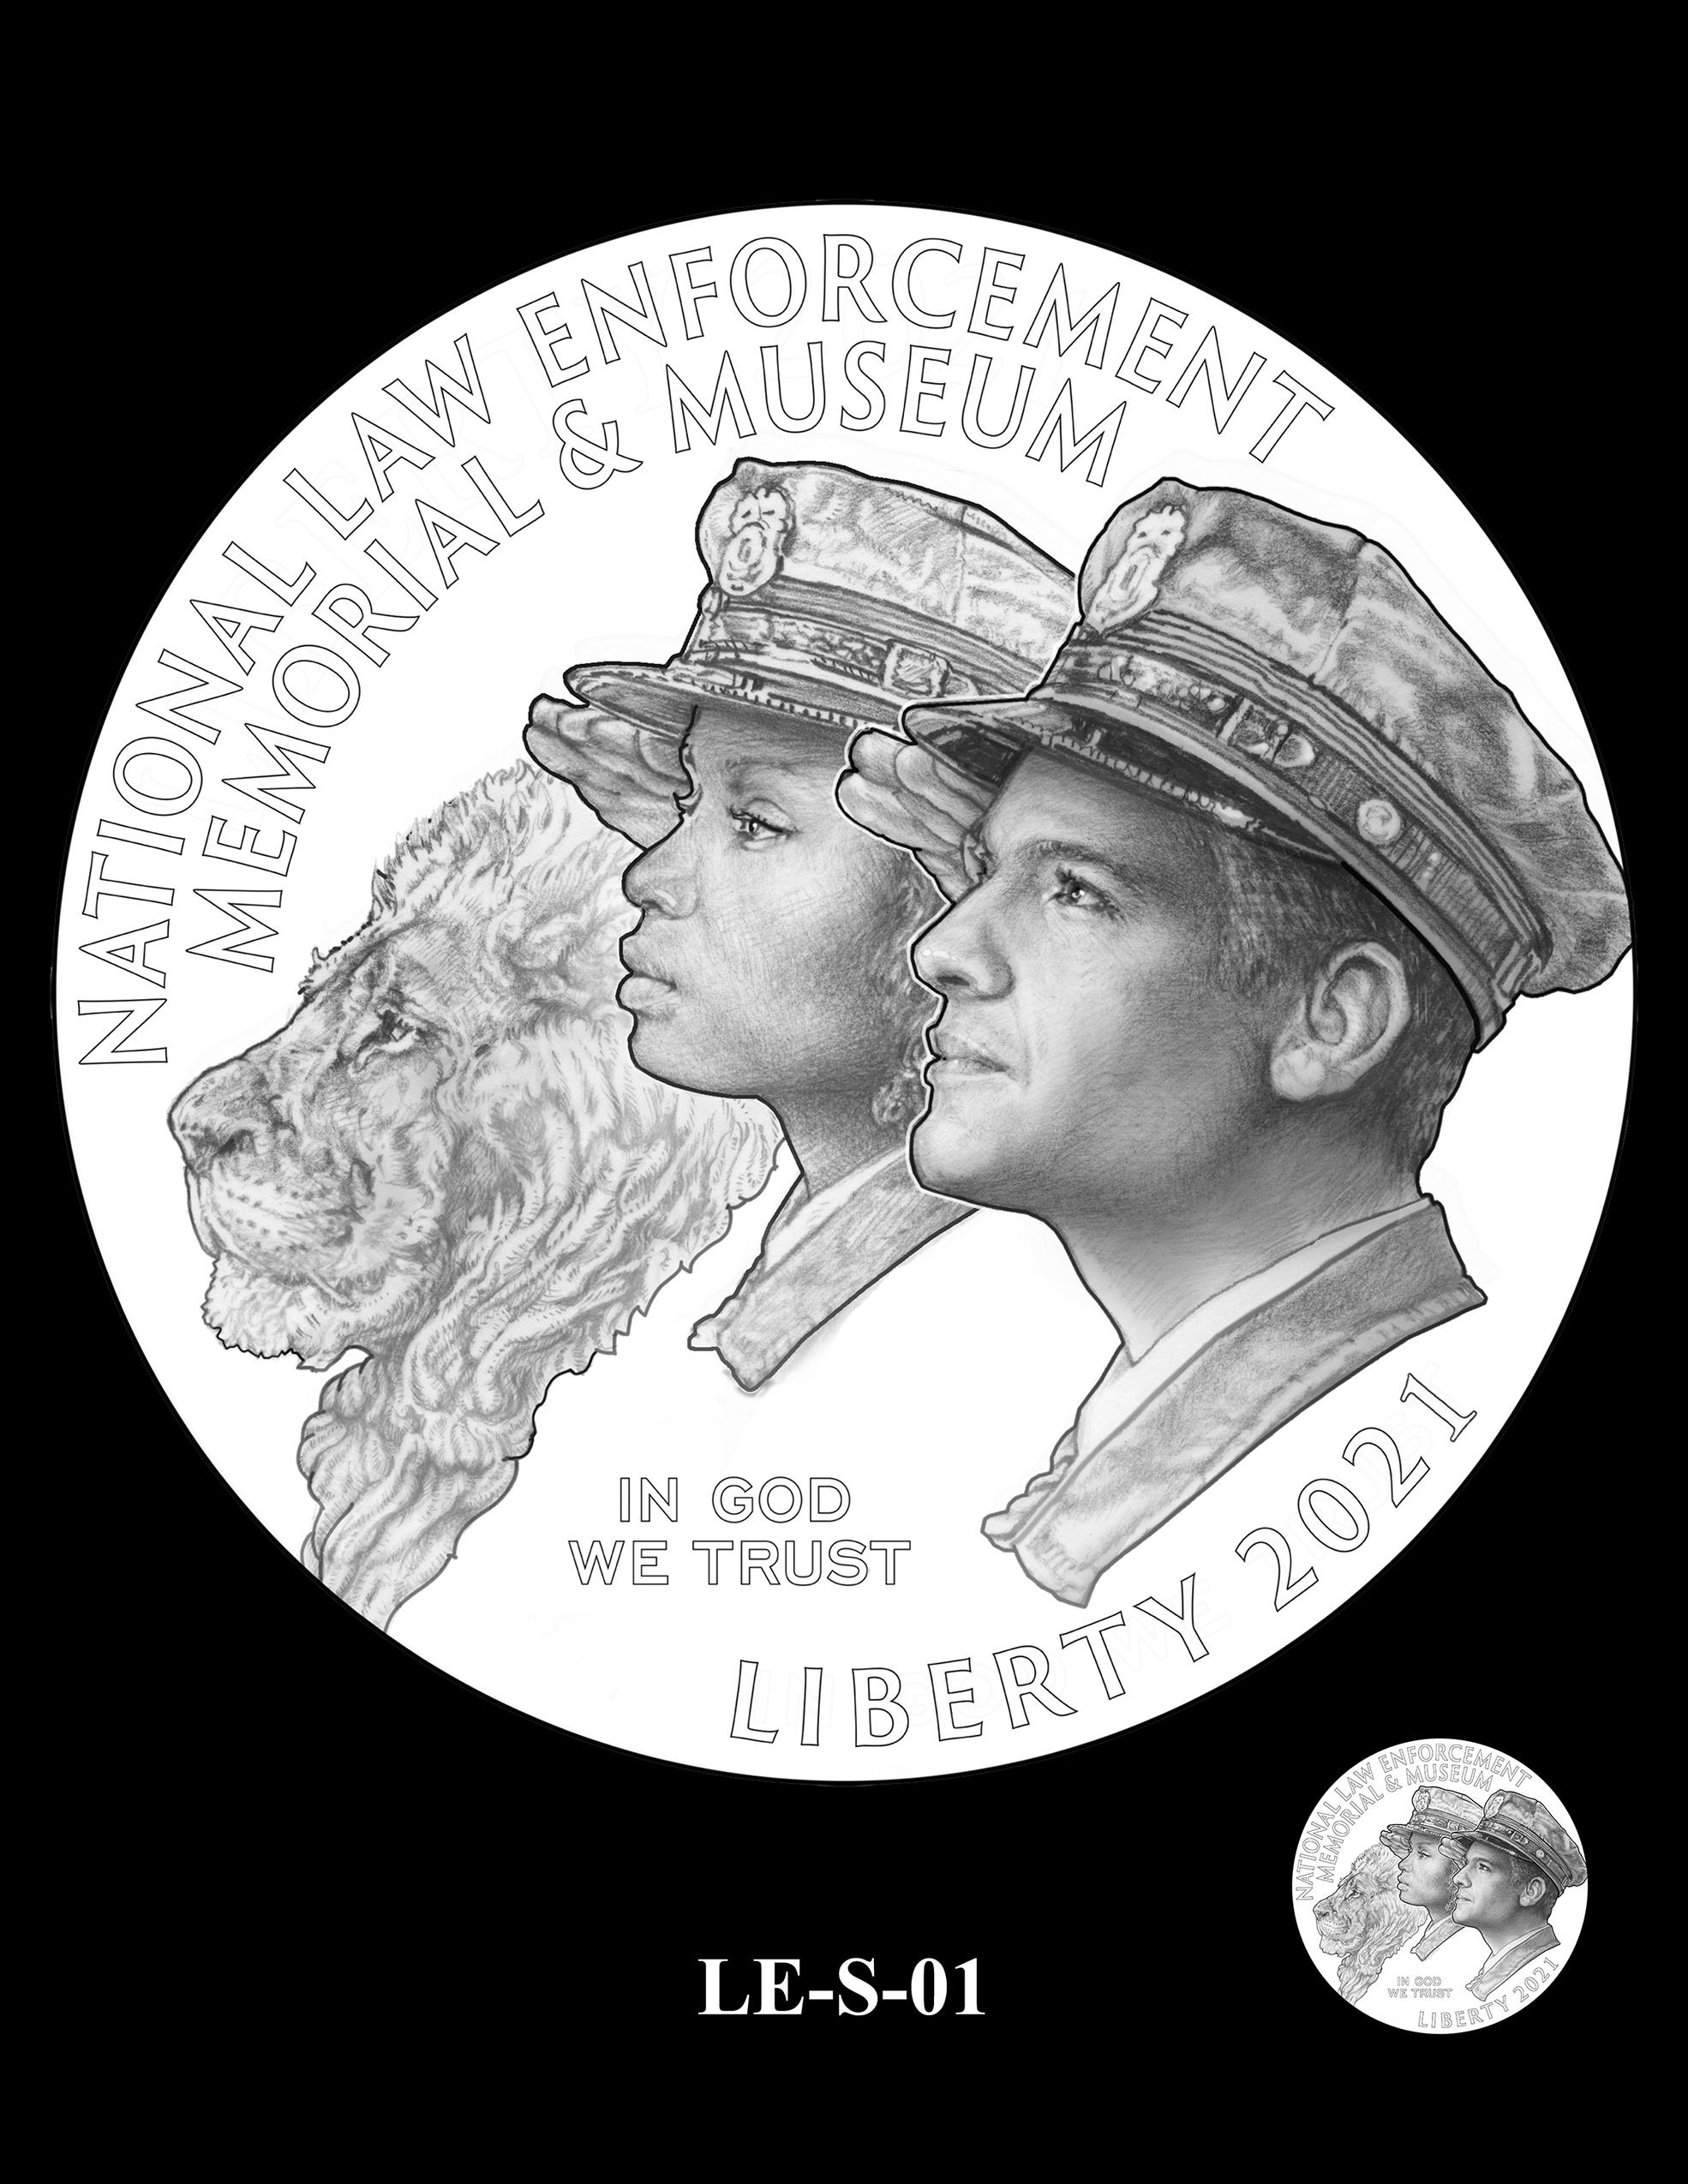 LE-S-O-01 -- National Law Enforcement Museum Commemorative Coin Program